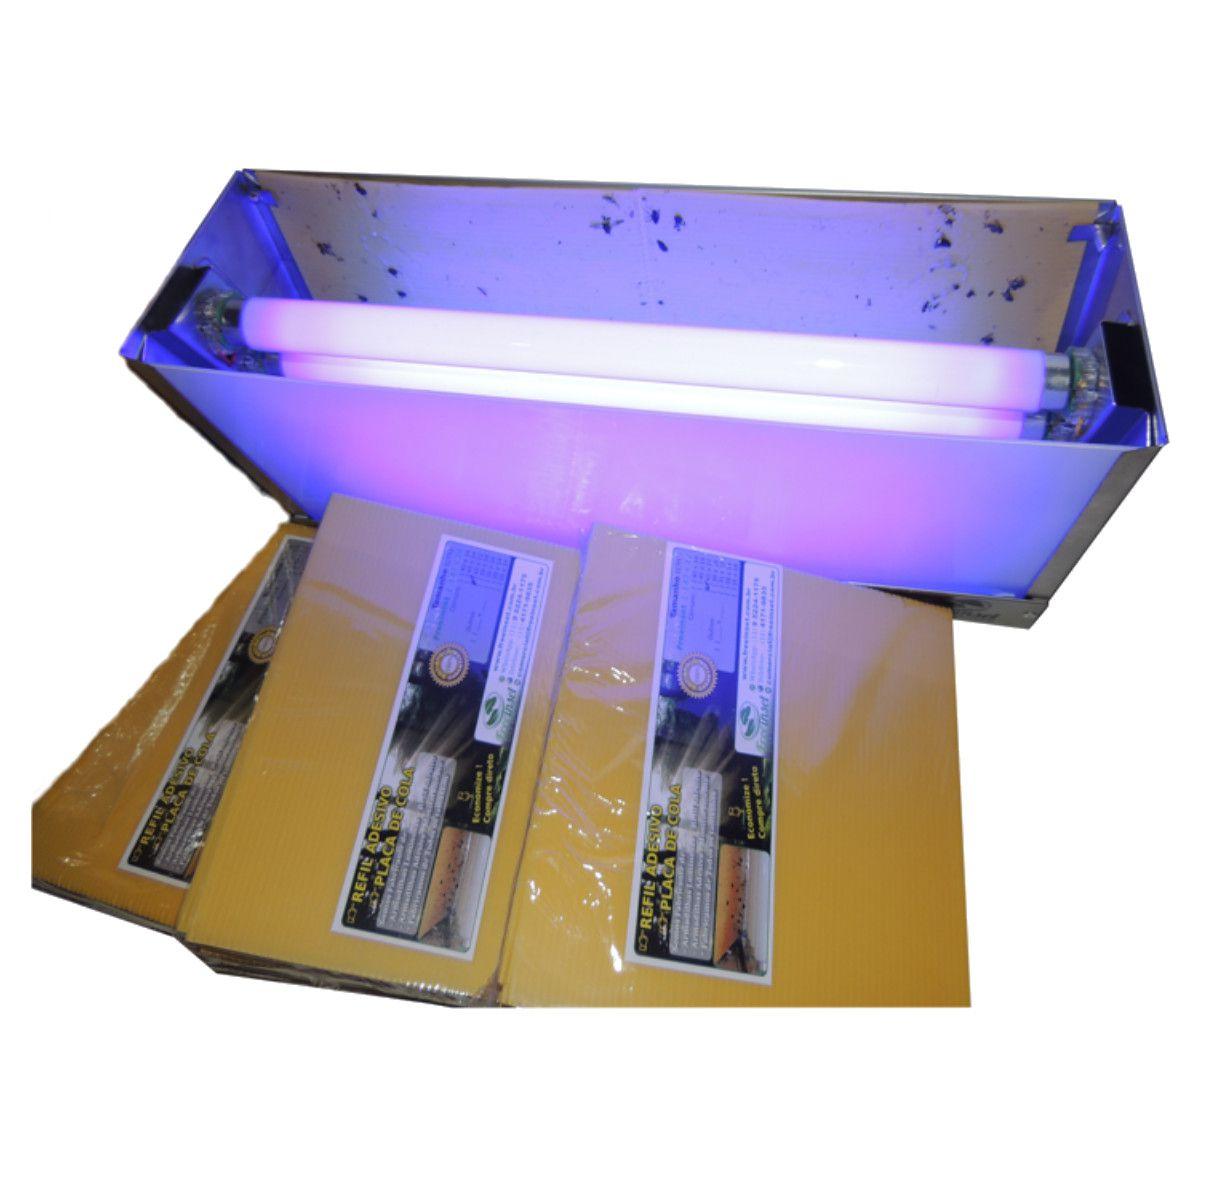 Kit 10 refis + Armadilhas Luminosas TOP, 30w, até 50m², 110V, Aço Inox Escovado, Matar Moscas e Mosquitos